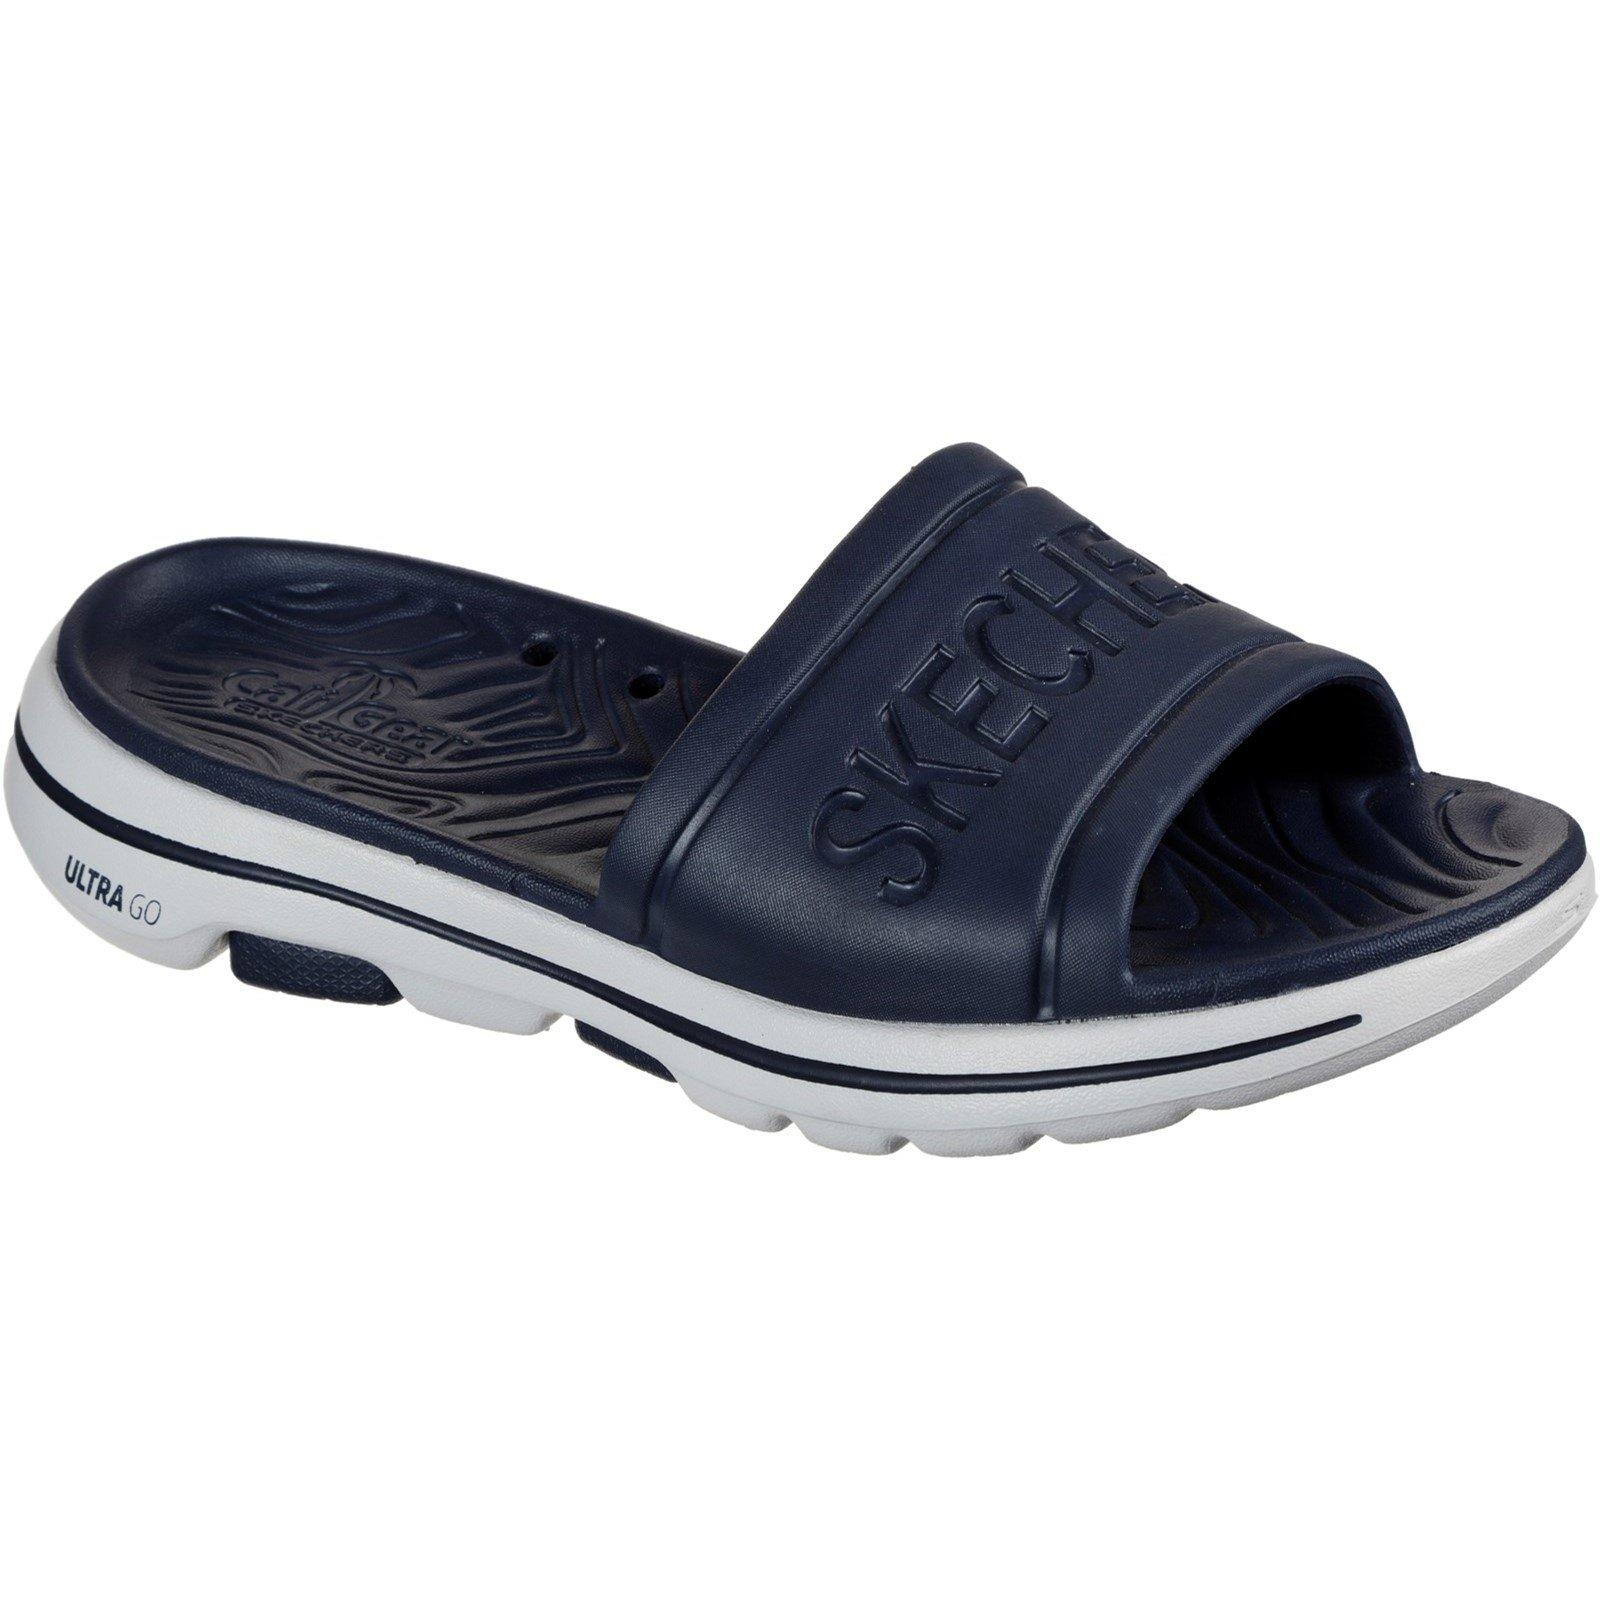 Skechers Men's Go Walk 5 Surfs Out Summer Sandal Various Colours 32207 - Navy 8